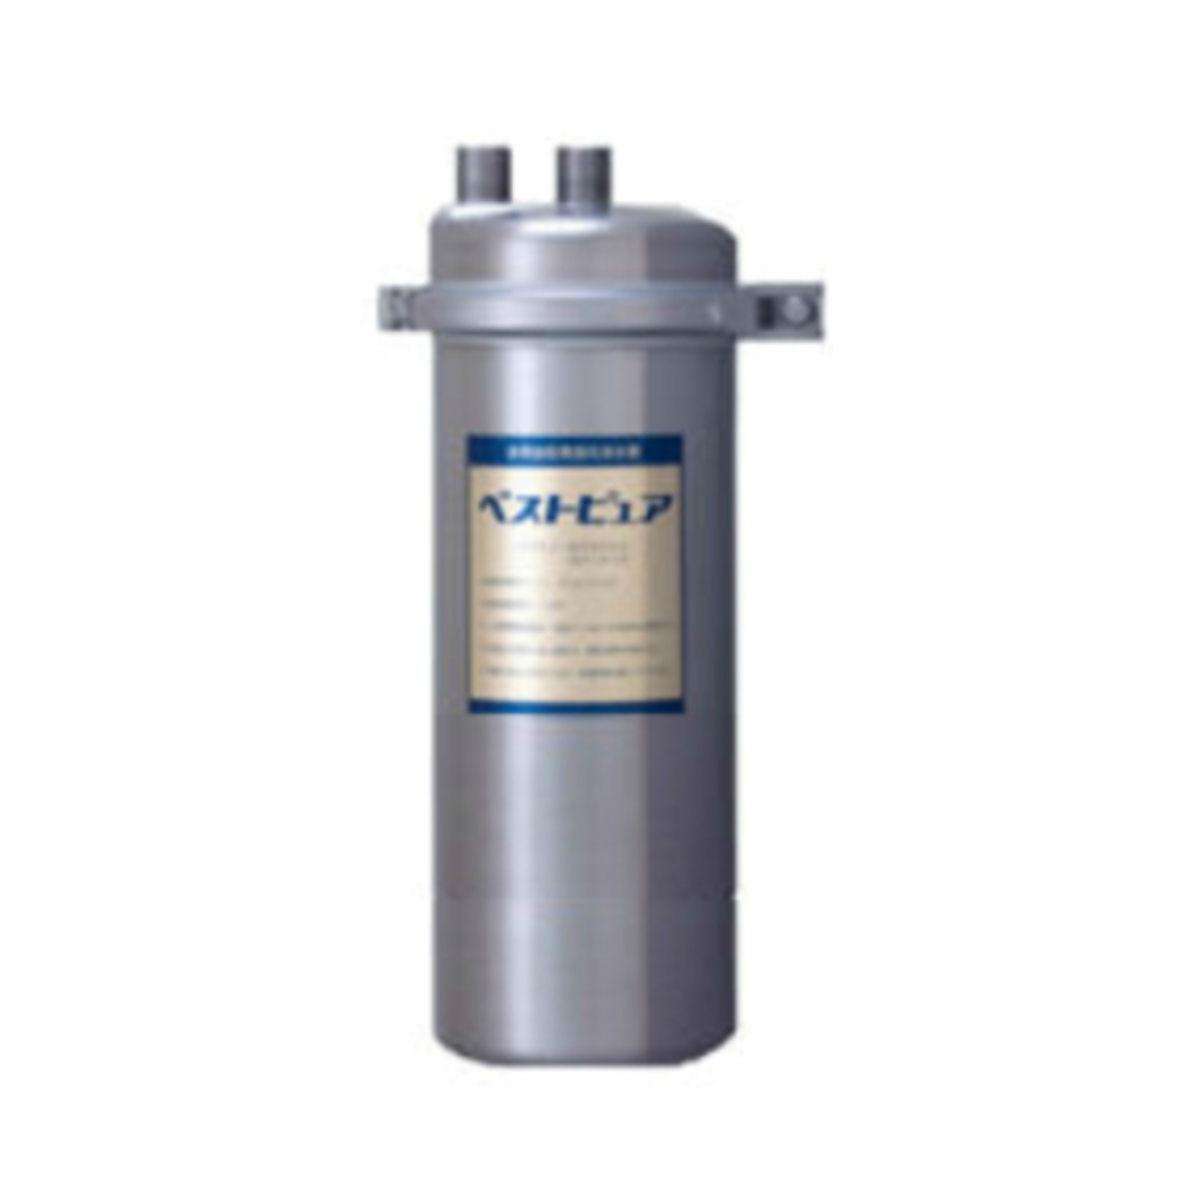 麦飯石・活性炭内蔵浄活水器 ベストピュアBP ビルトインタイプ